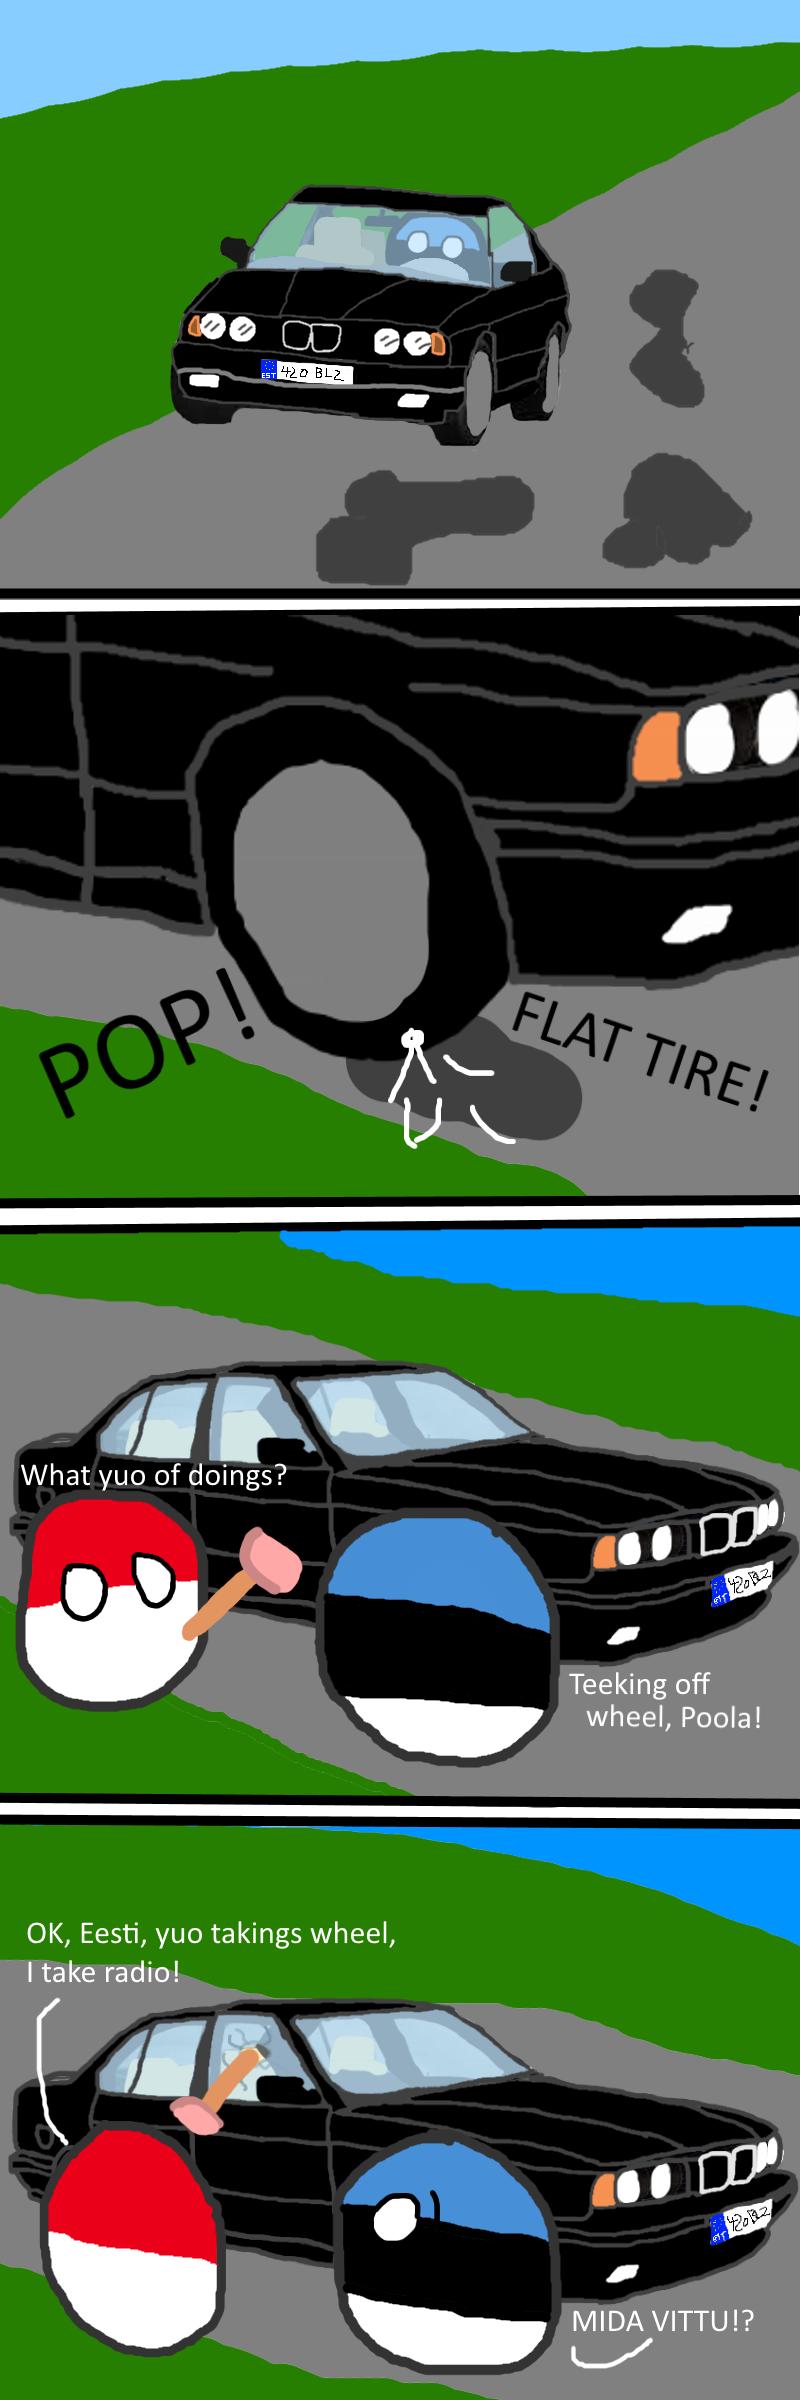 Eestie Gets a Flat Tyre